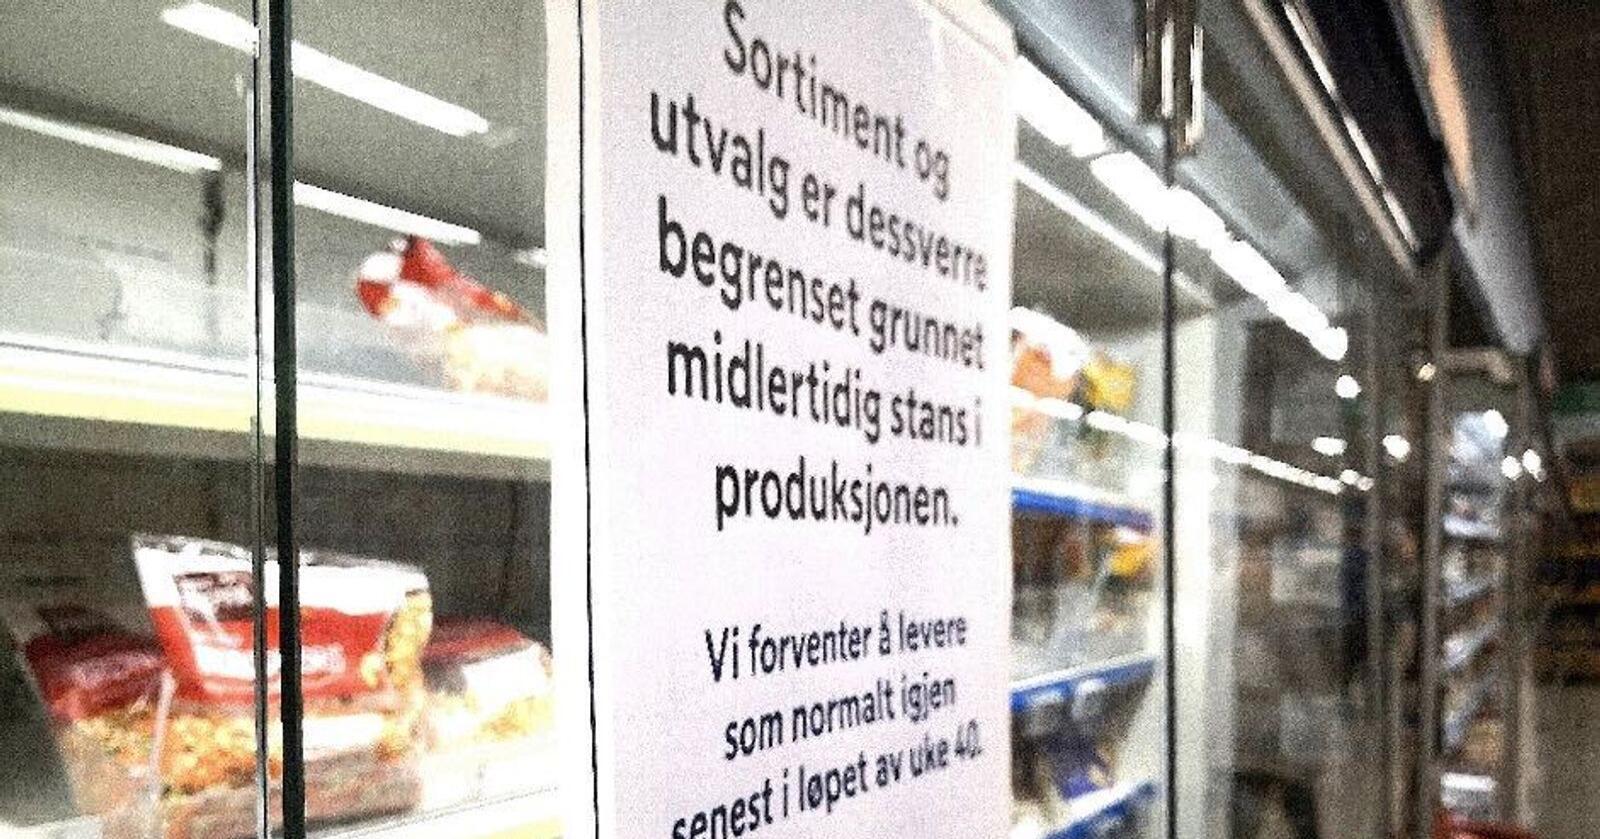 Smitteutbruddet ved Bamas avdeling på Lierstranda gjør at butikkhyllene tømmes for salat- og grønnsaksblandinger. Foto: Jon-Fredrik Klausen